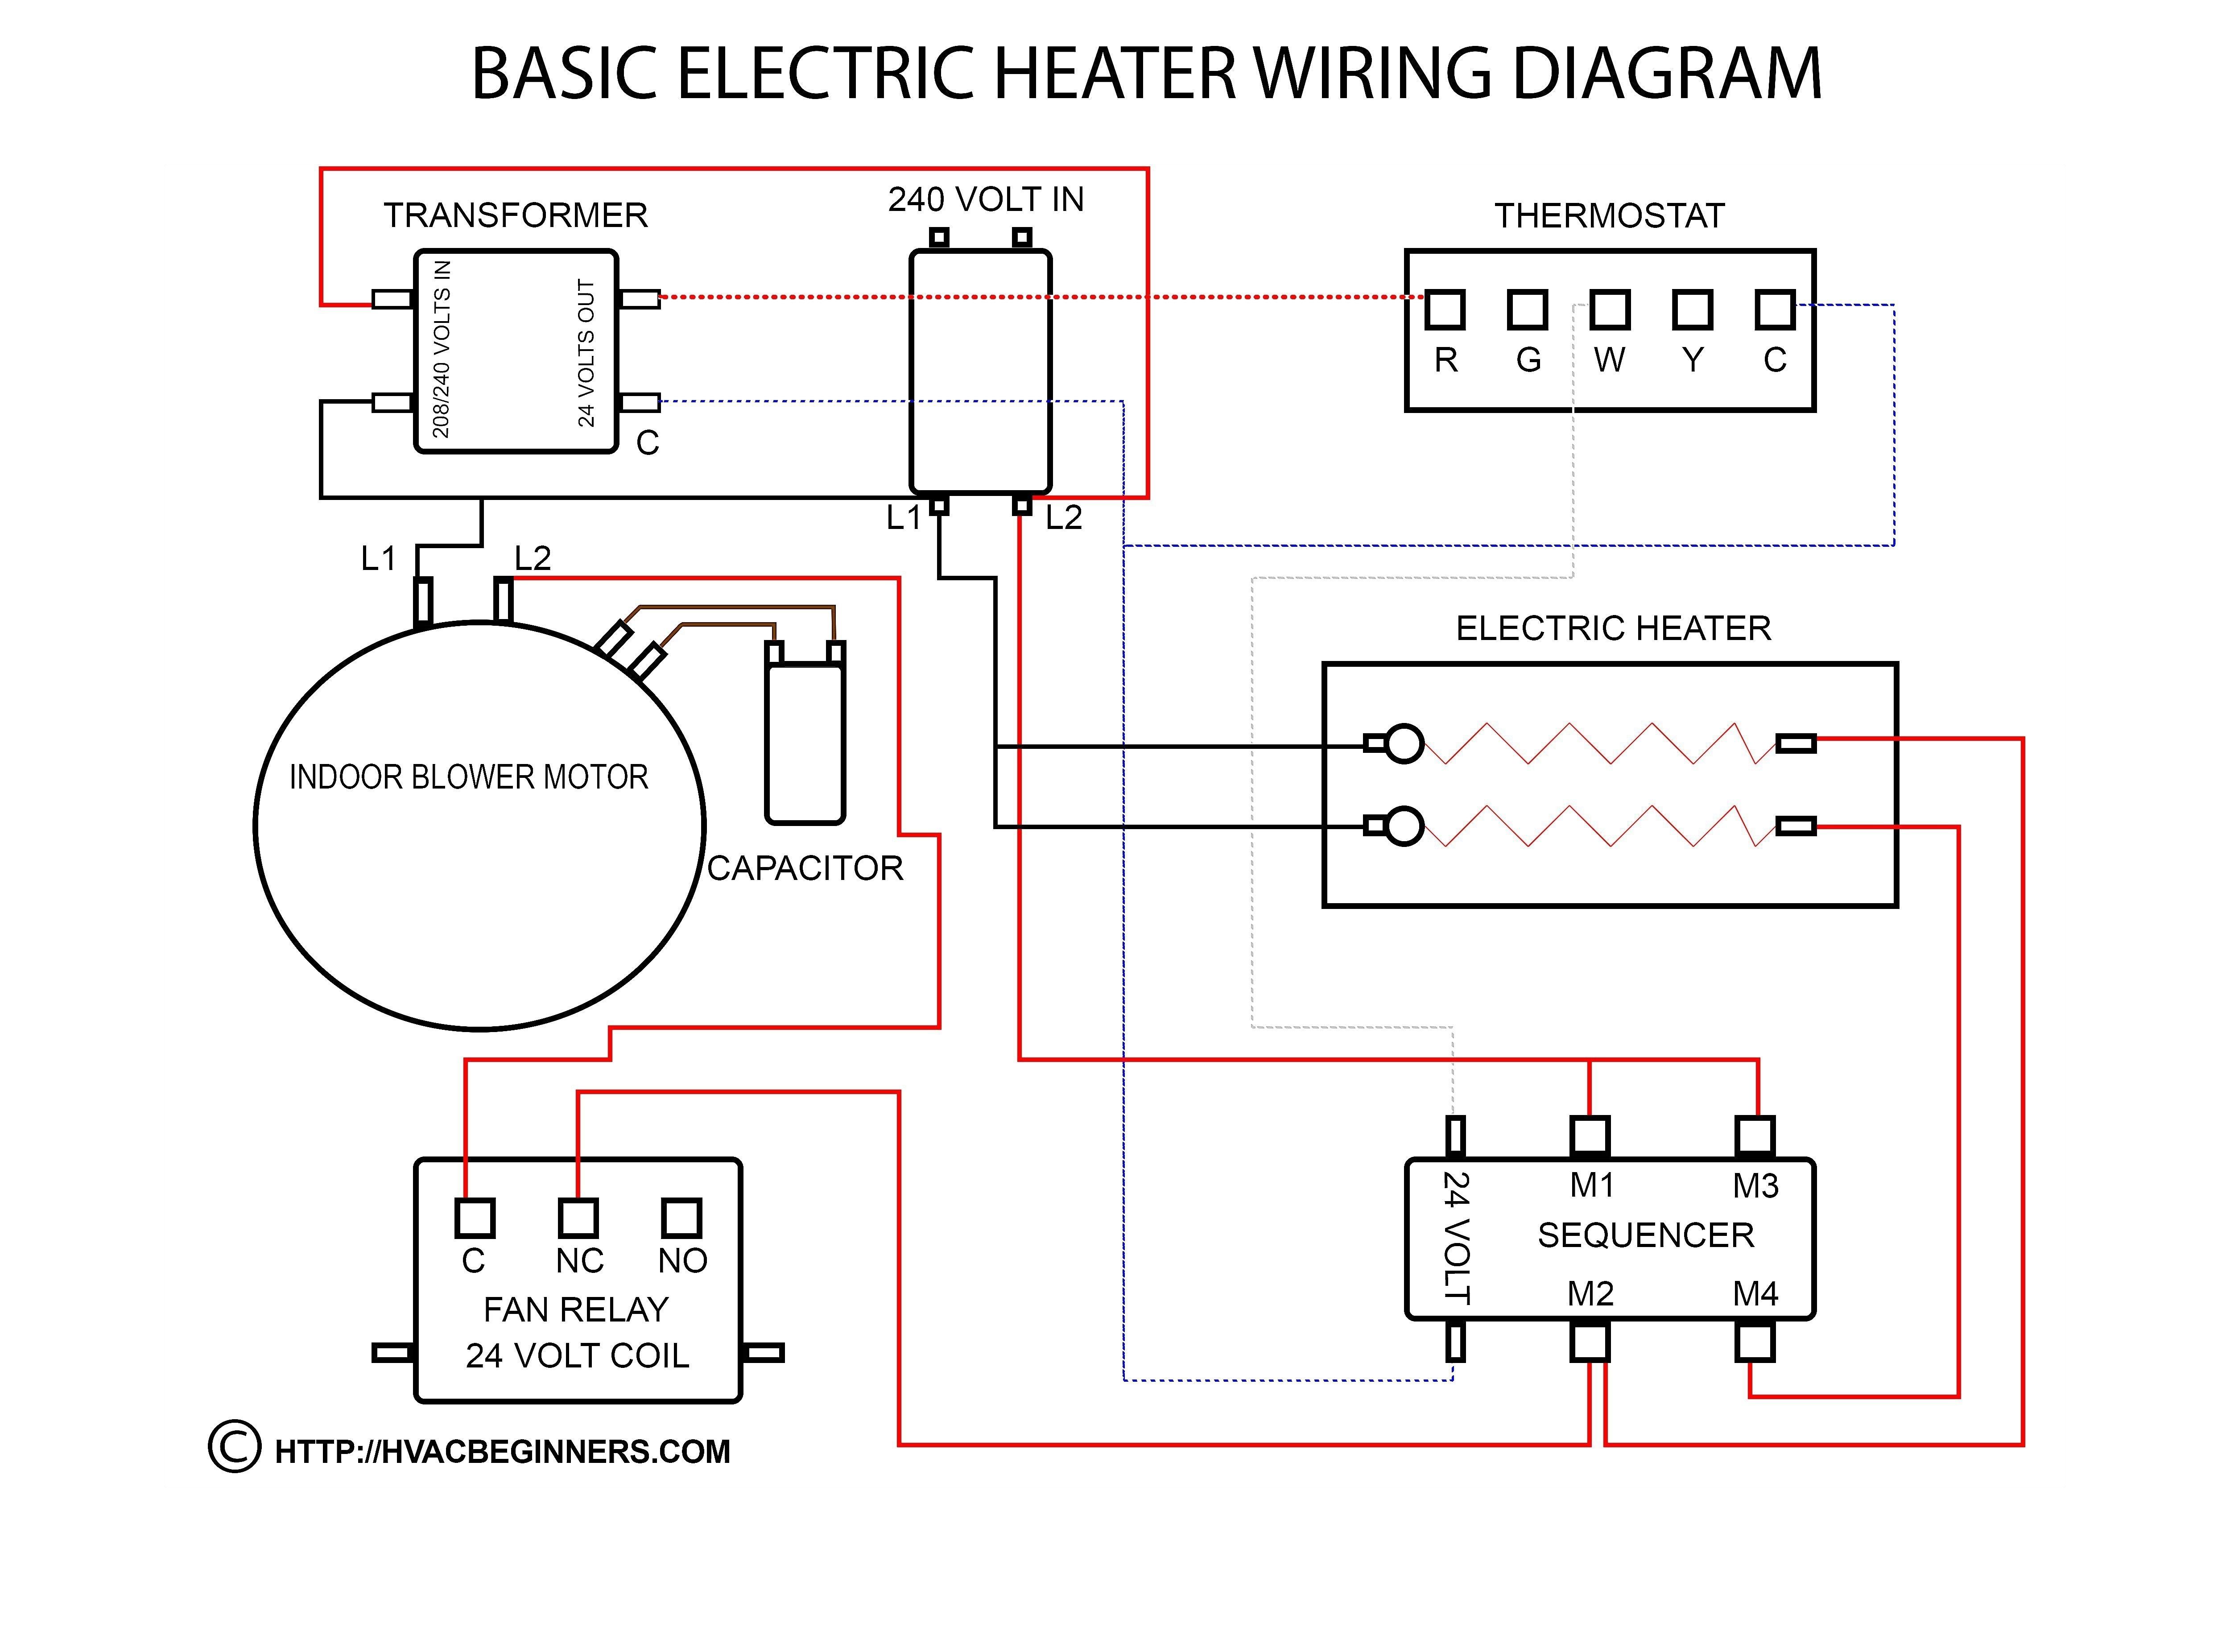 Fasco Furnace Motor Wiring Diagrams - Wiring Diagram M2 on